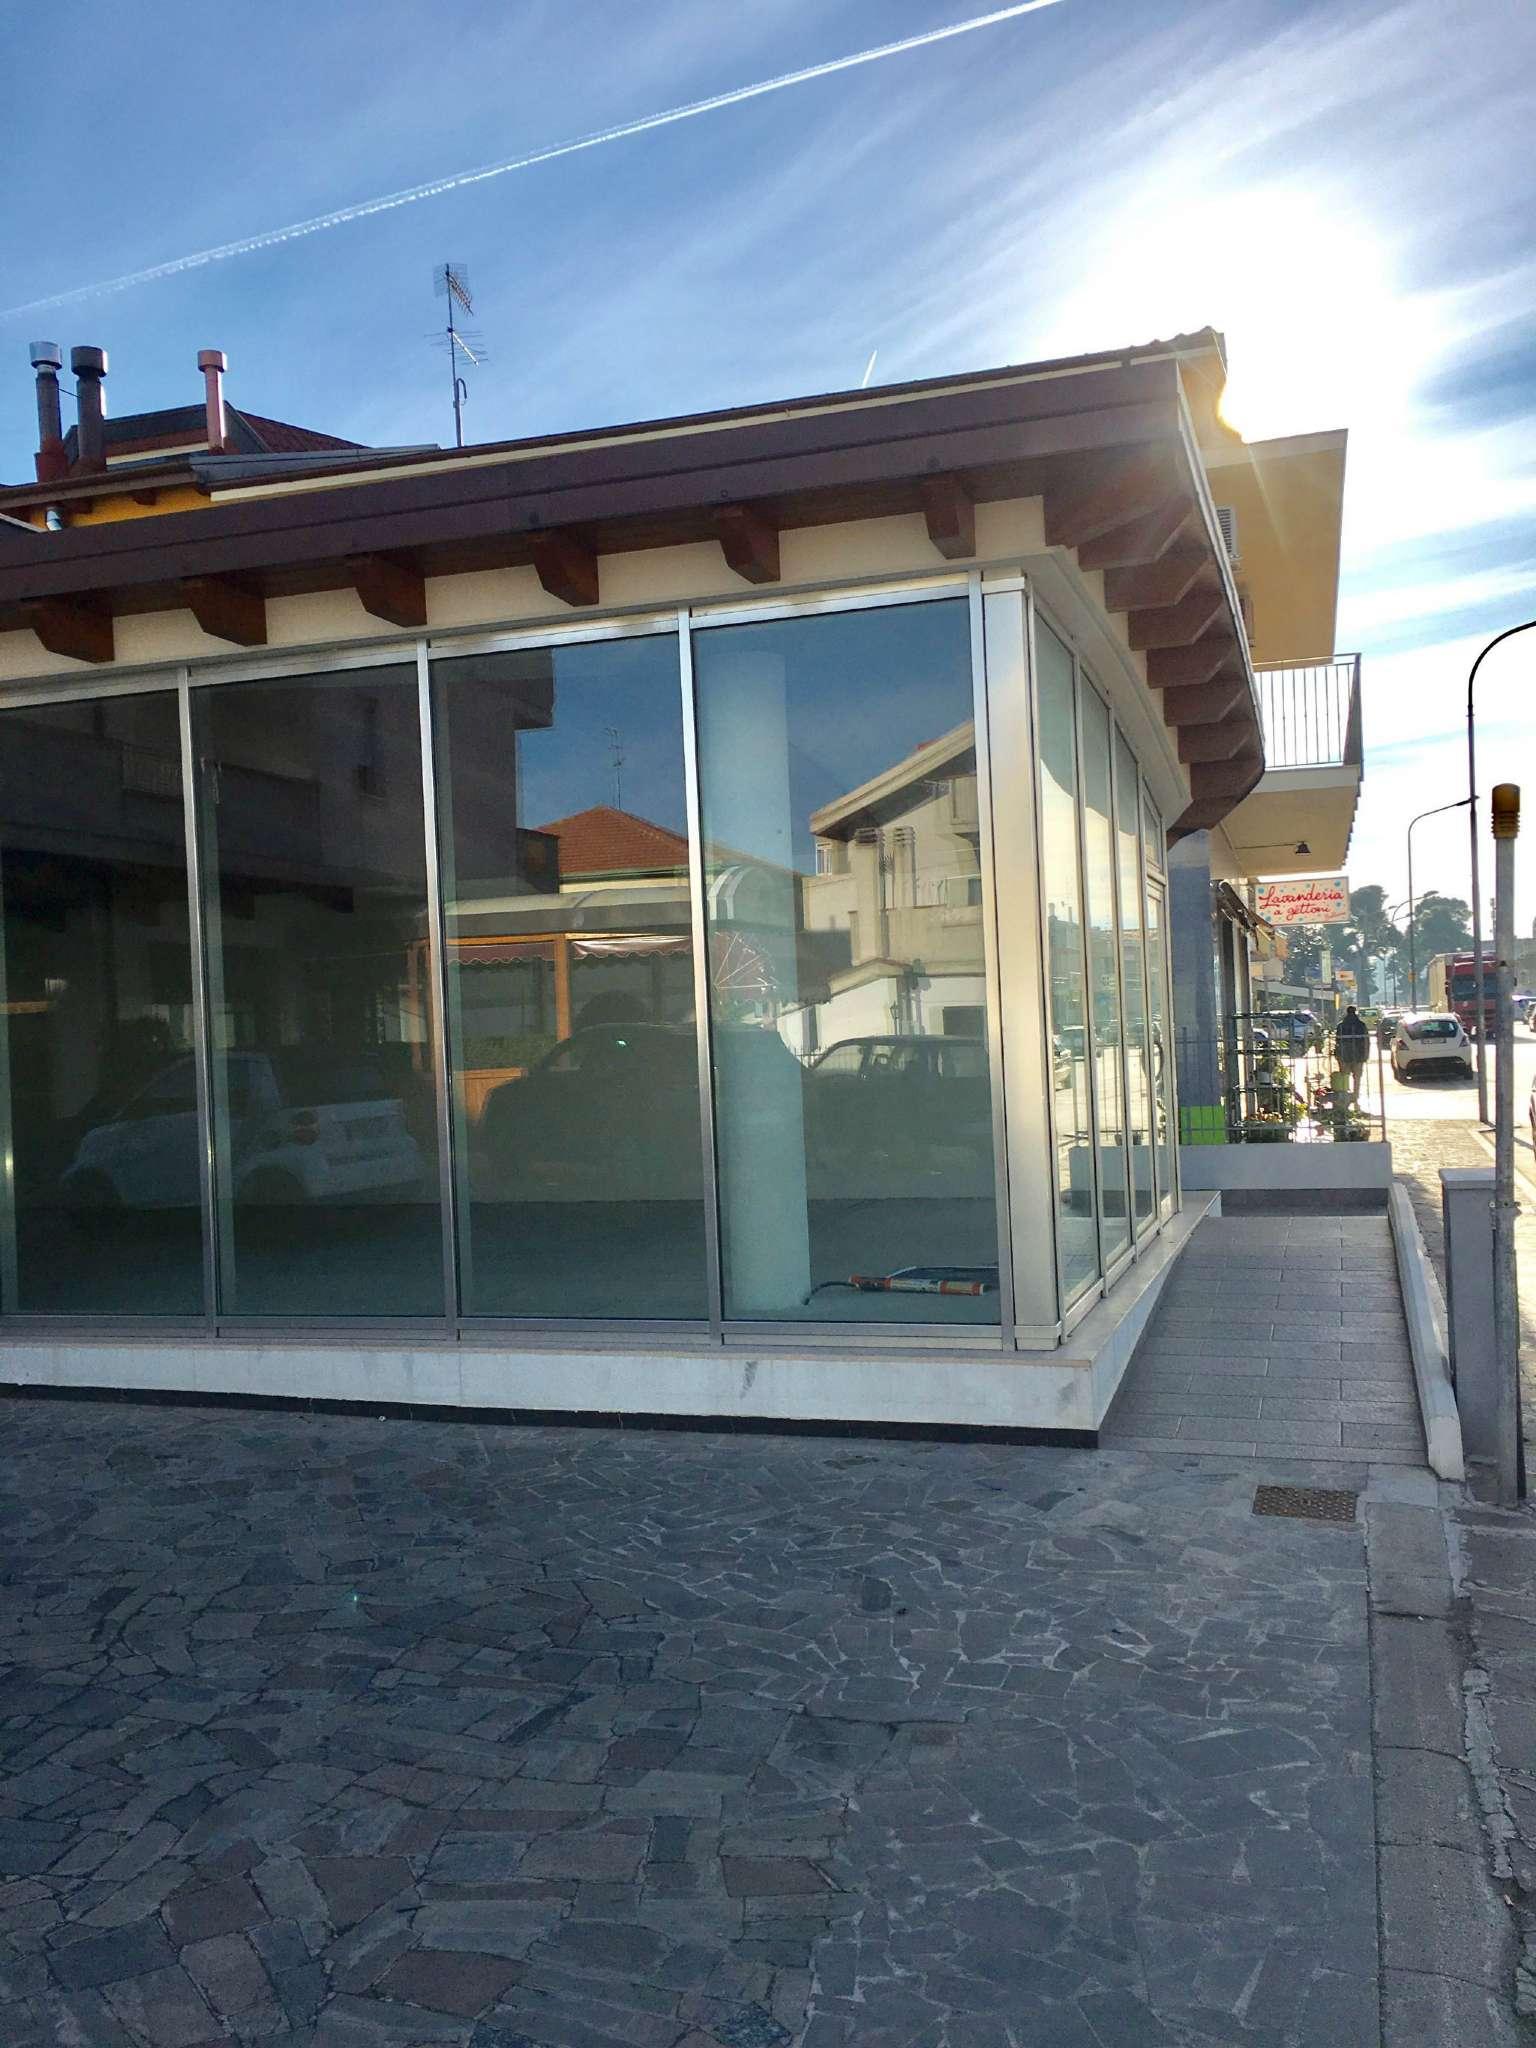 Negozio / Locale in affitto a Silvi, 1 locali, prezzo € 900 | Cambio Casa.it